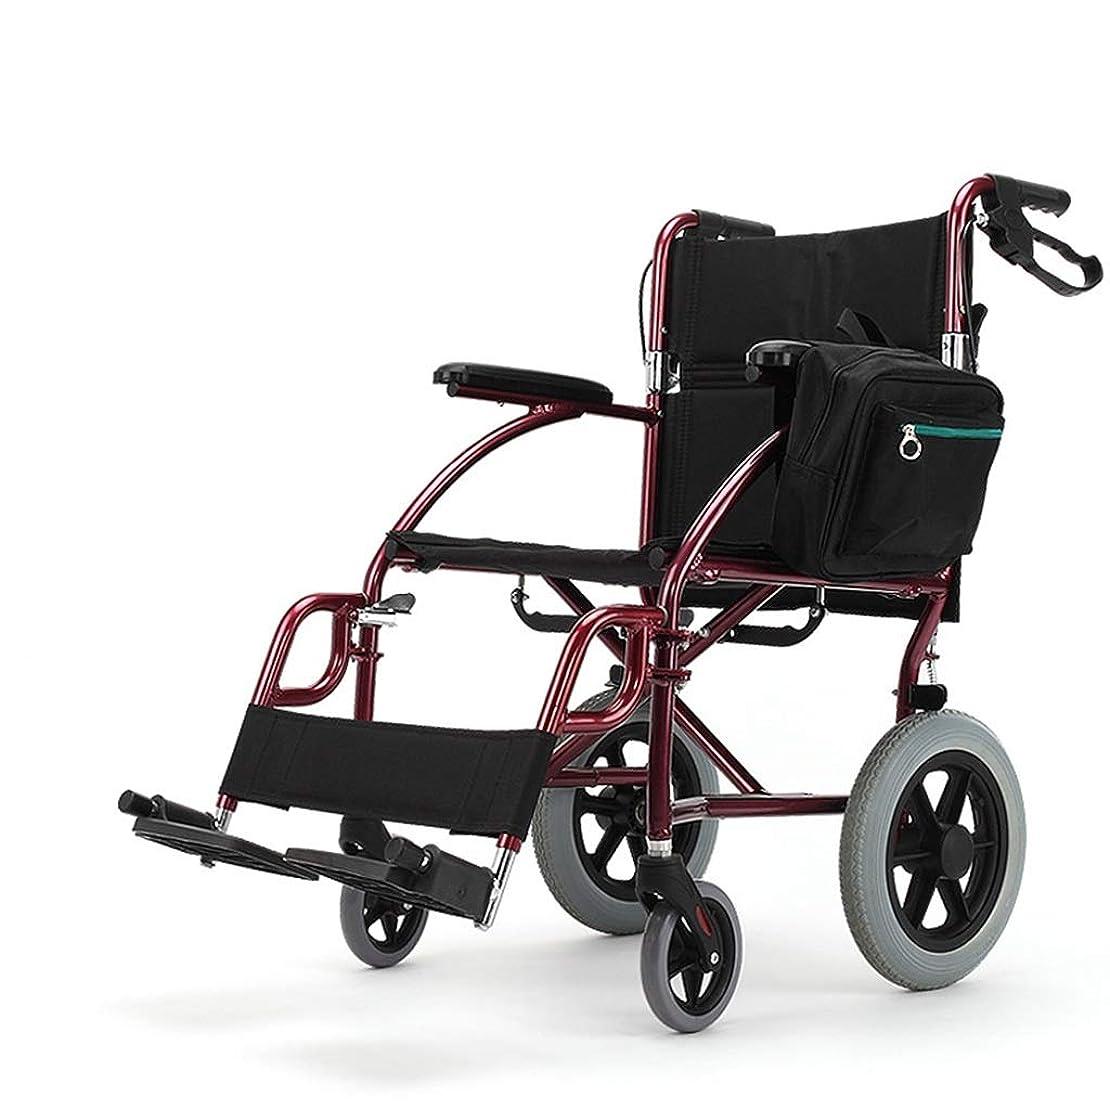 酸度液化する曖昧な折りたたみ車椅子取り外し可能なペダル、折りたたみ式背部無効車椅子、屋外旅行車椅子用の軽量でポータブル